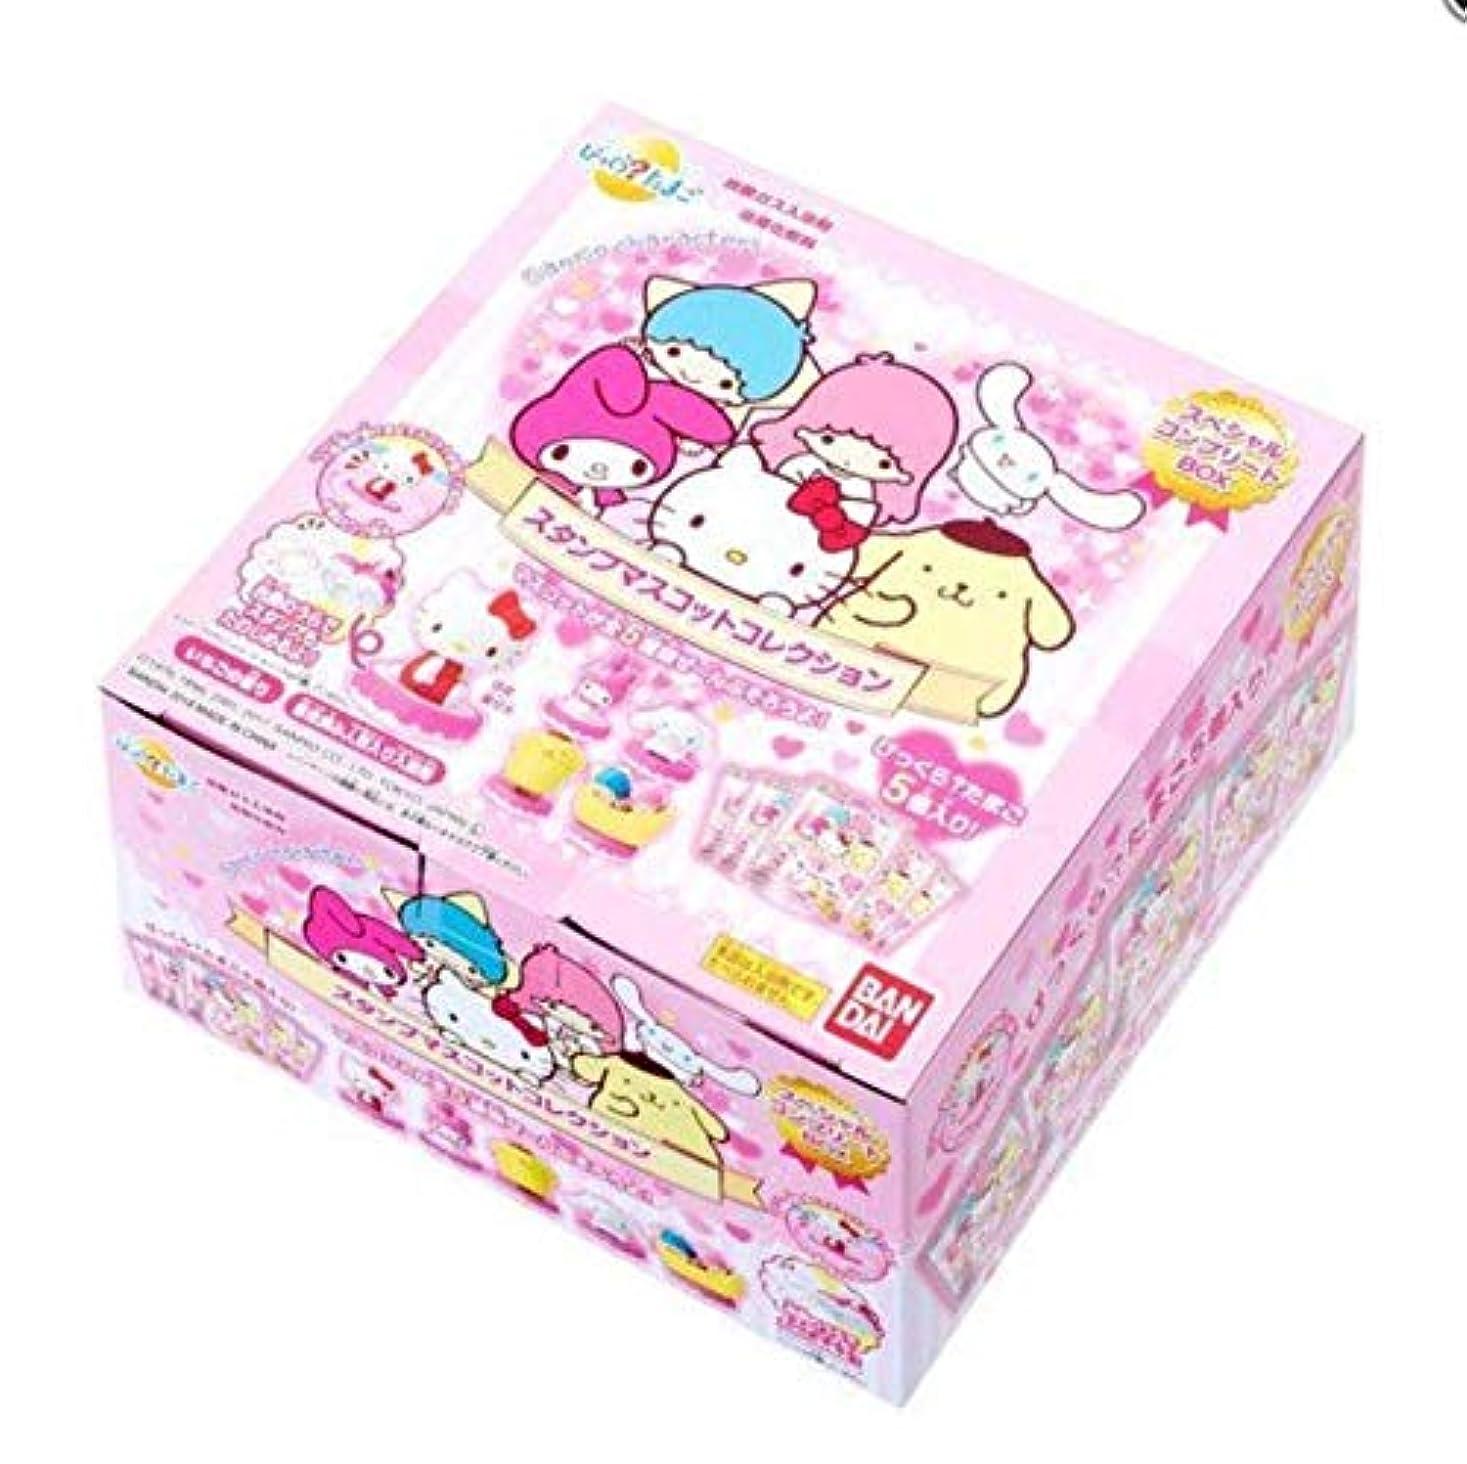 とらえどころのない米国驚くばかりびっくら?たまご サンリオキャラクターズ スタンプマスコットコレクション スペシャルコンプリートBOX